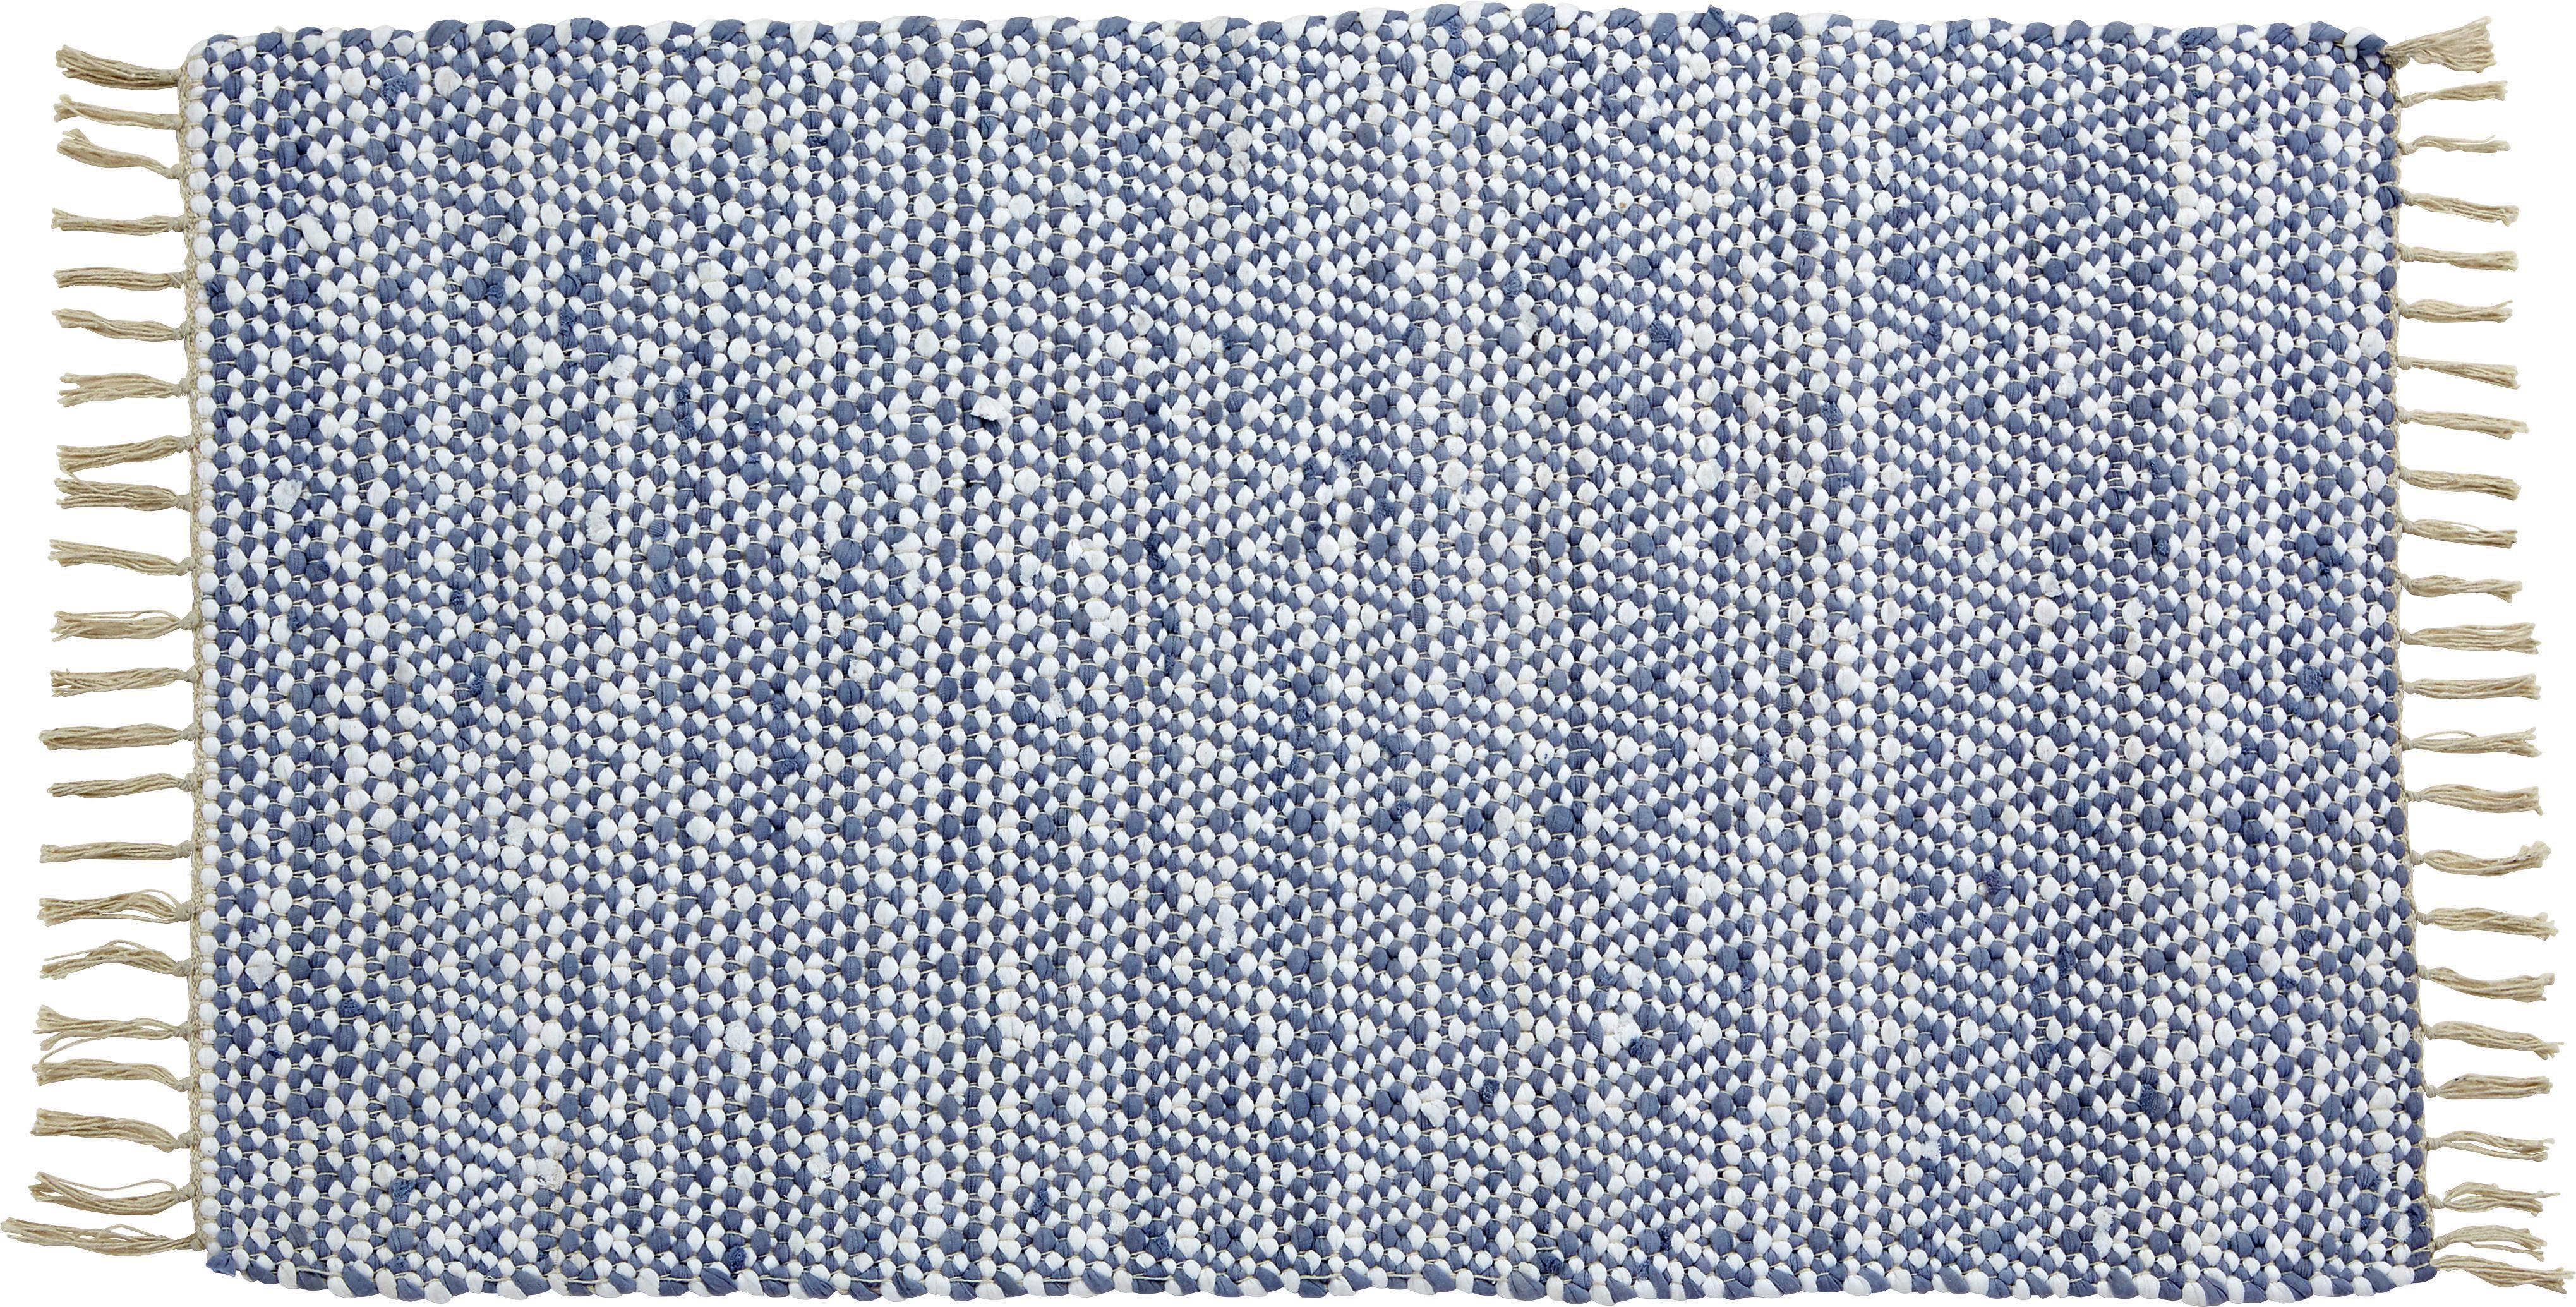 Ágyelő Becky - pink/kék, konvencionális, textil (60/90cm) - LUCA BESSONI